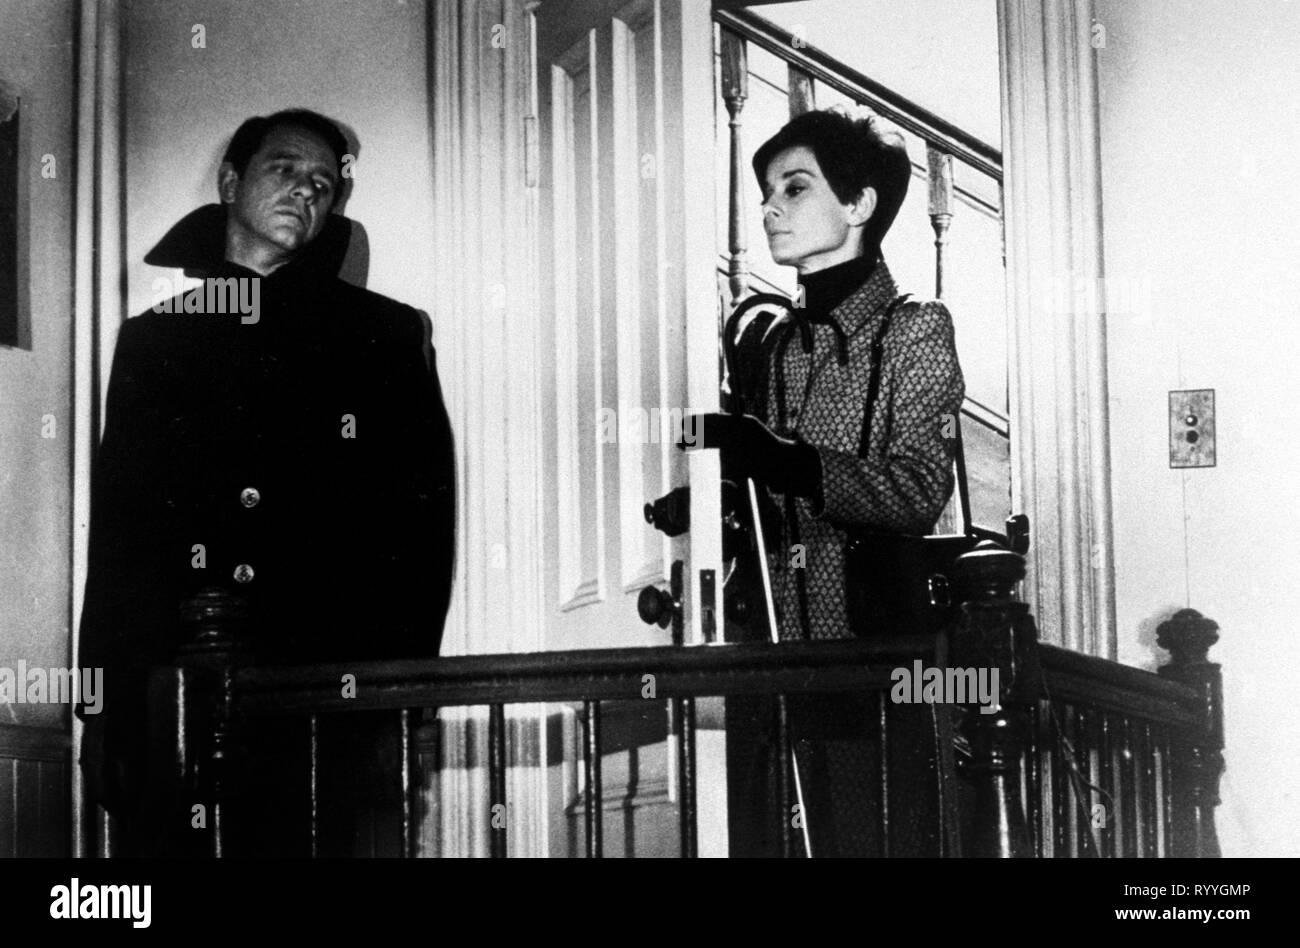 CRENNA,HEPBURN, WAIT UNTIL DARK, 1967 - Stock Image